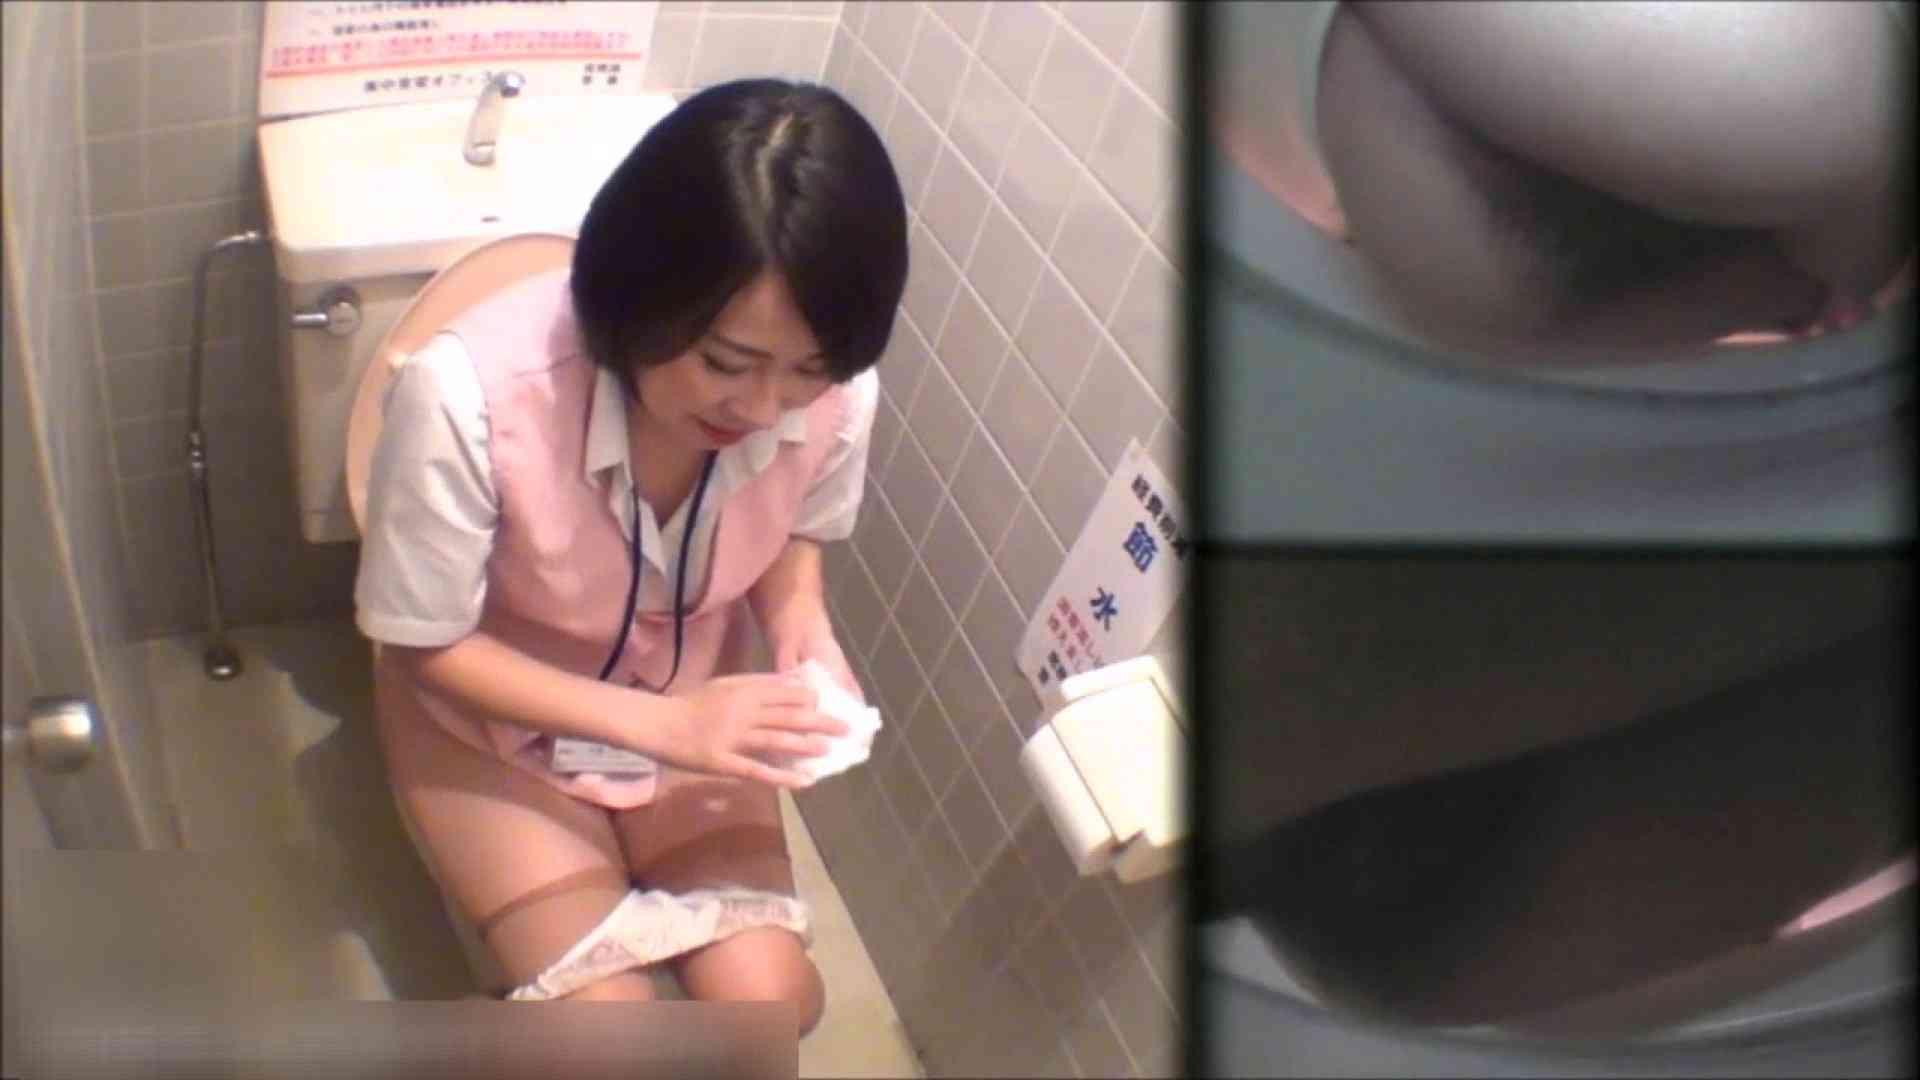 洗面所盗撮~隣の美人お姉さんVol.25 エロティックなOL オマンコ無修正動画無料 94画像 2